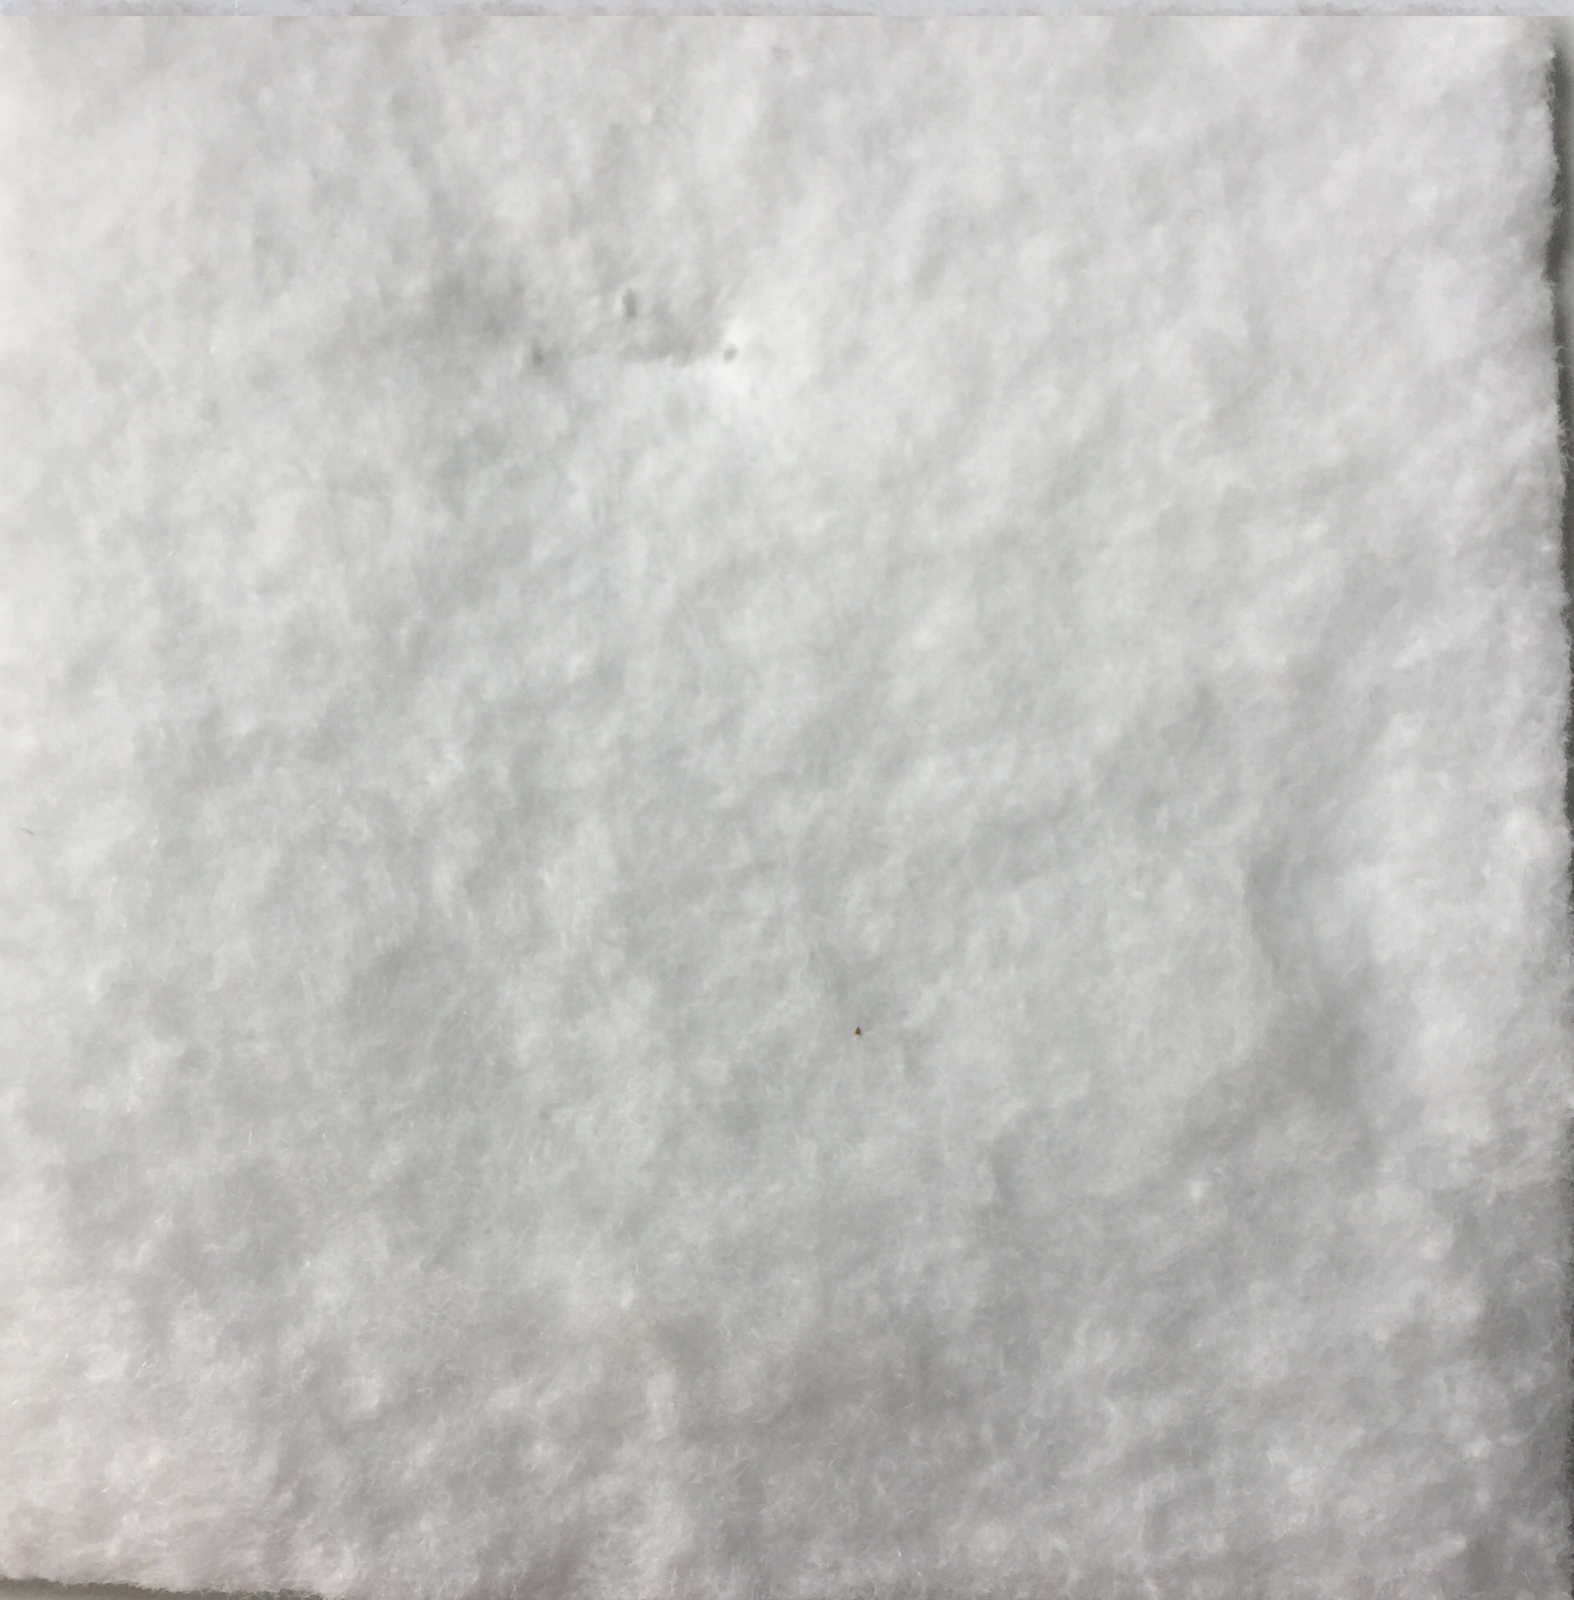 Hobbs 80/20 Bleached Cotton Blend - 108 x 30yds